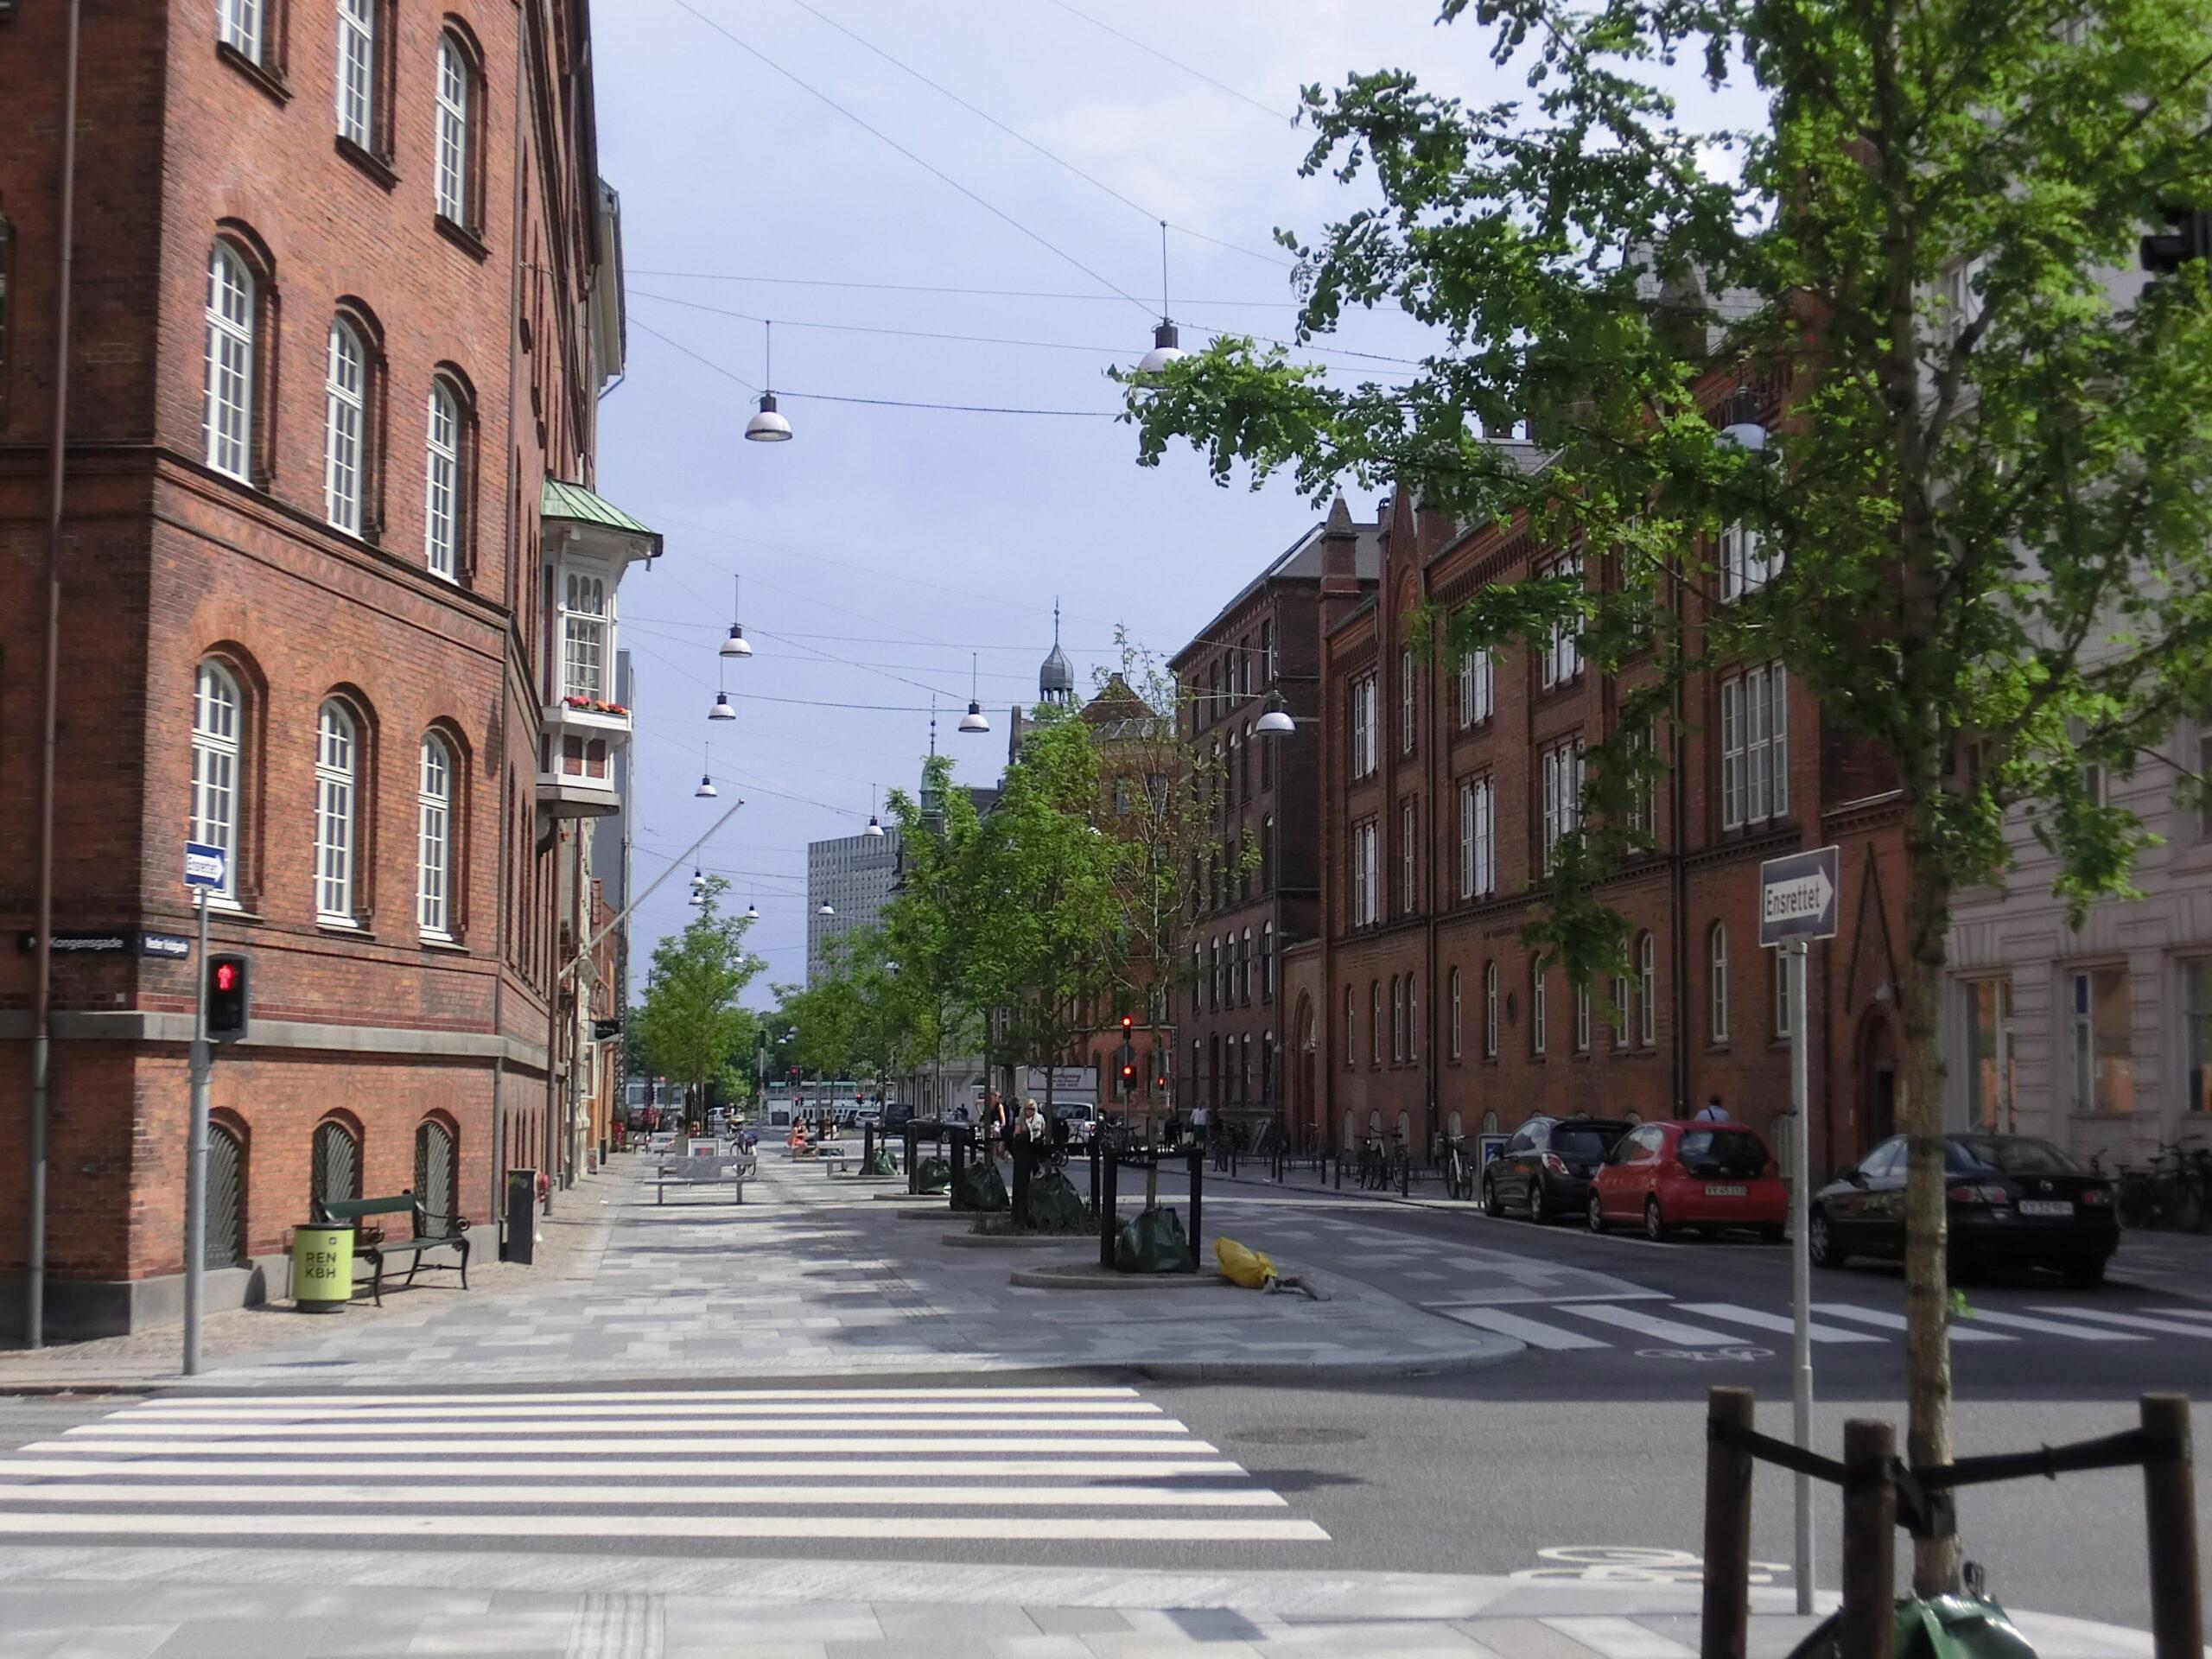 Foto einer Straße in Kopenhagen mit Häusern und Bäumen